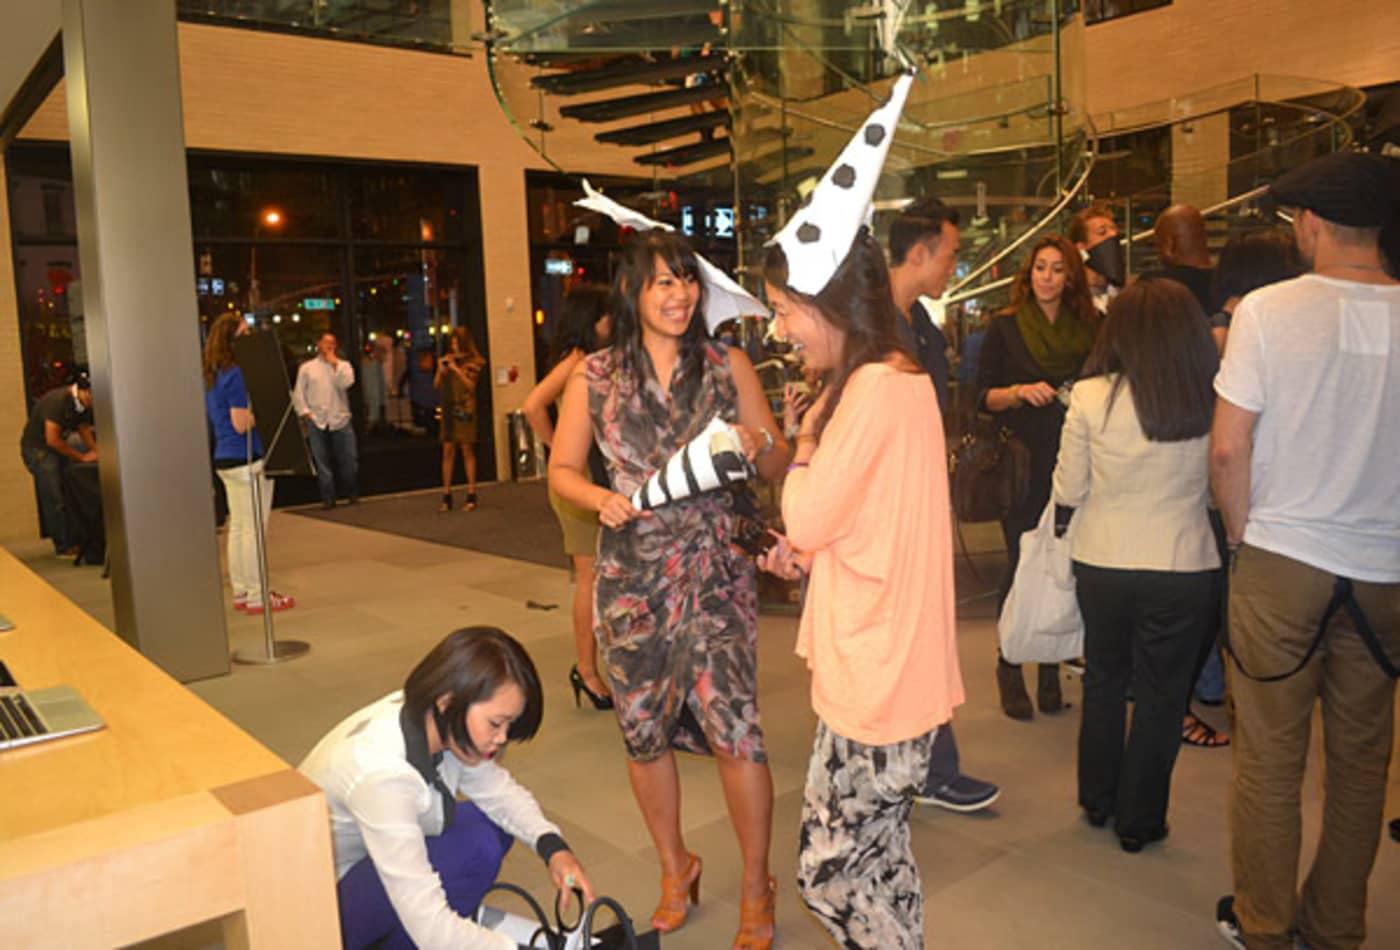 CNBC_NYC_fashion_week_2011_FNO4.jpg